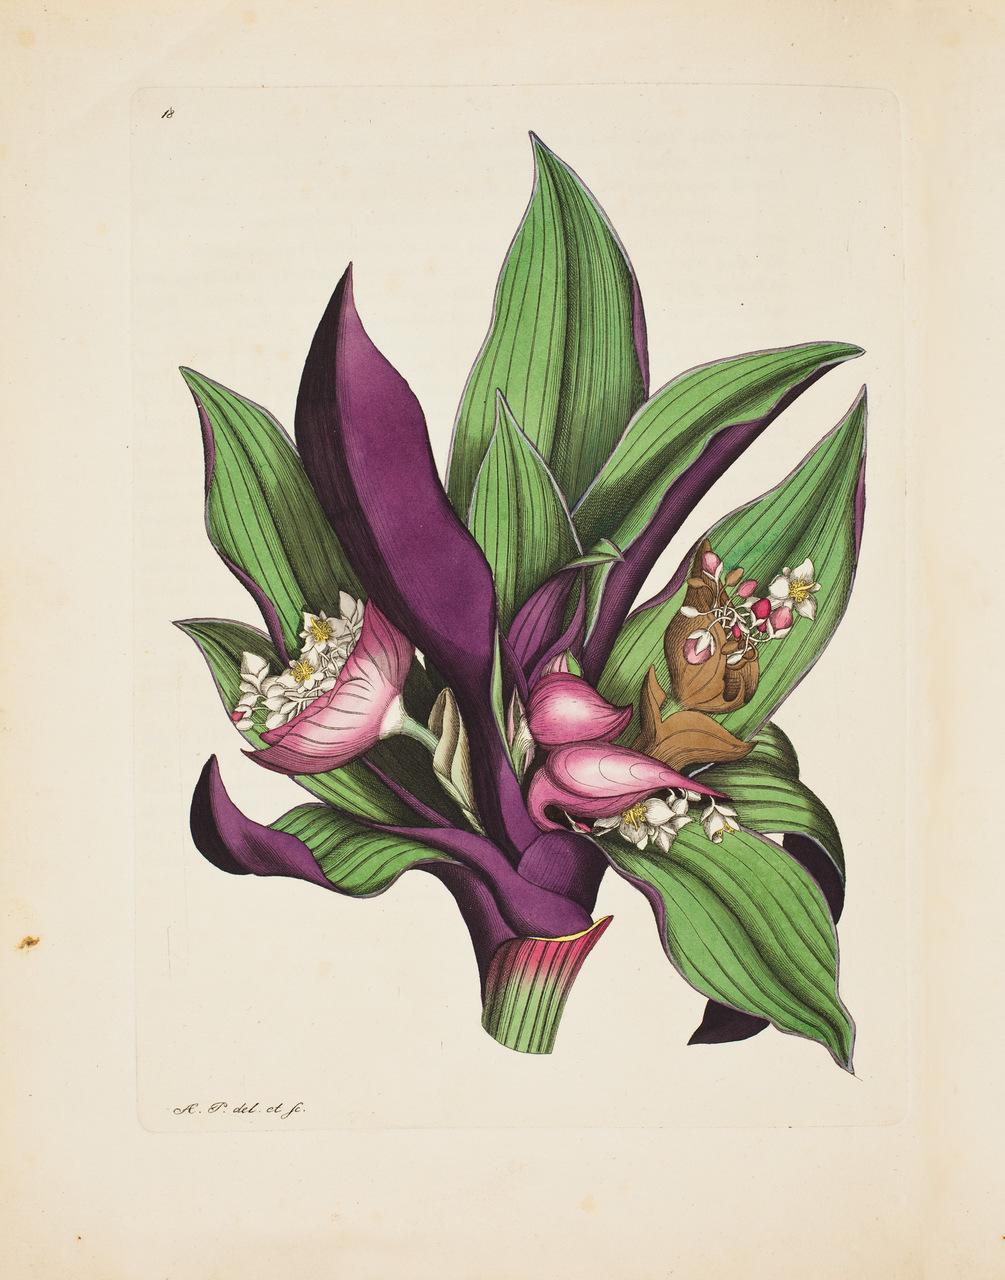 """Tradescantia. Tavola tratta da """"Magasin för Blomster-Älskare och Idkare av Trägårds-Skötsel"""", di August Pfeiffer (1777-1842)"""